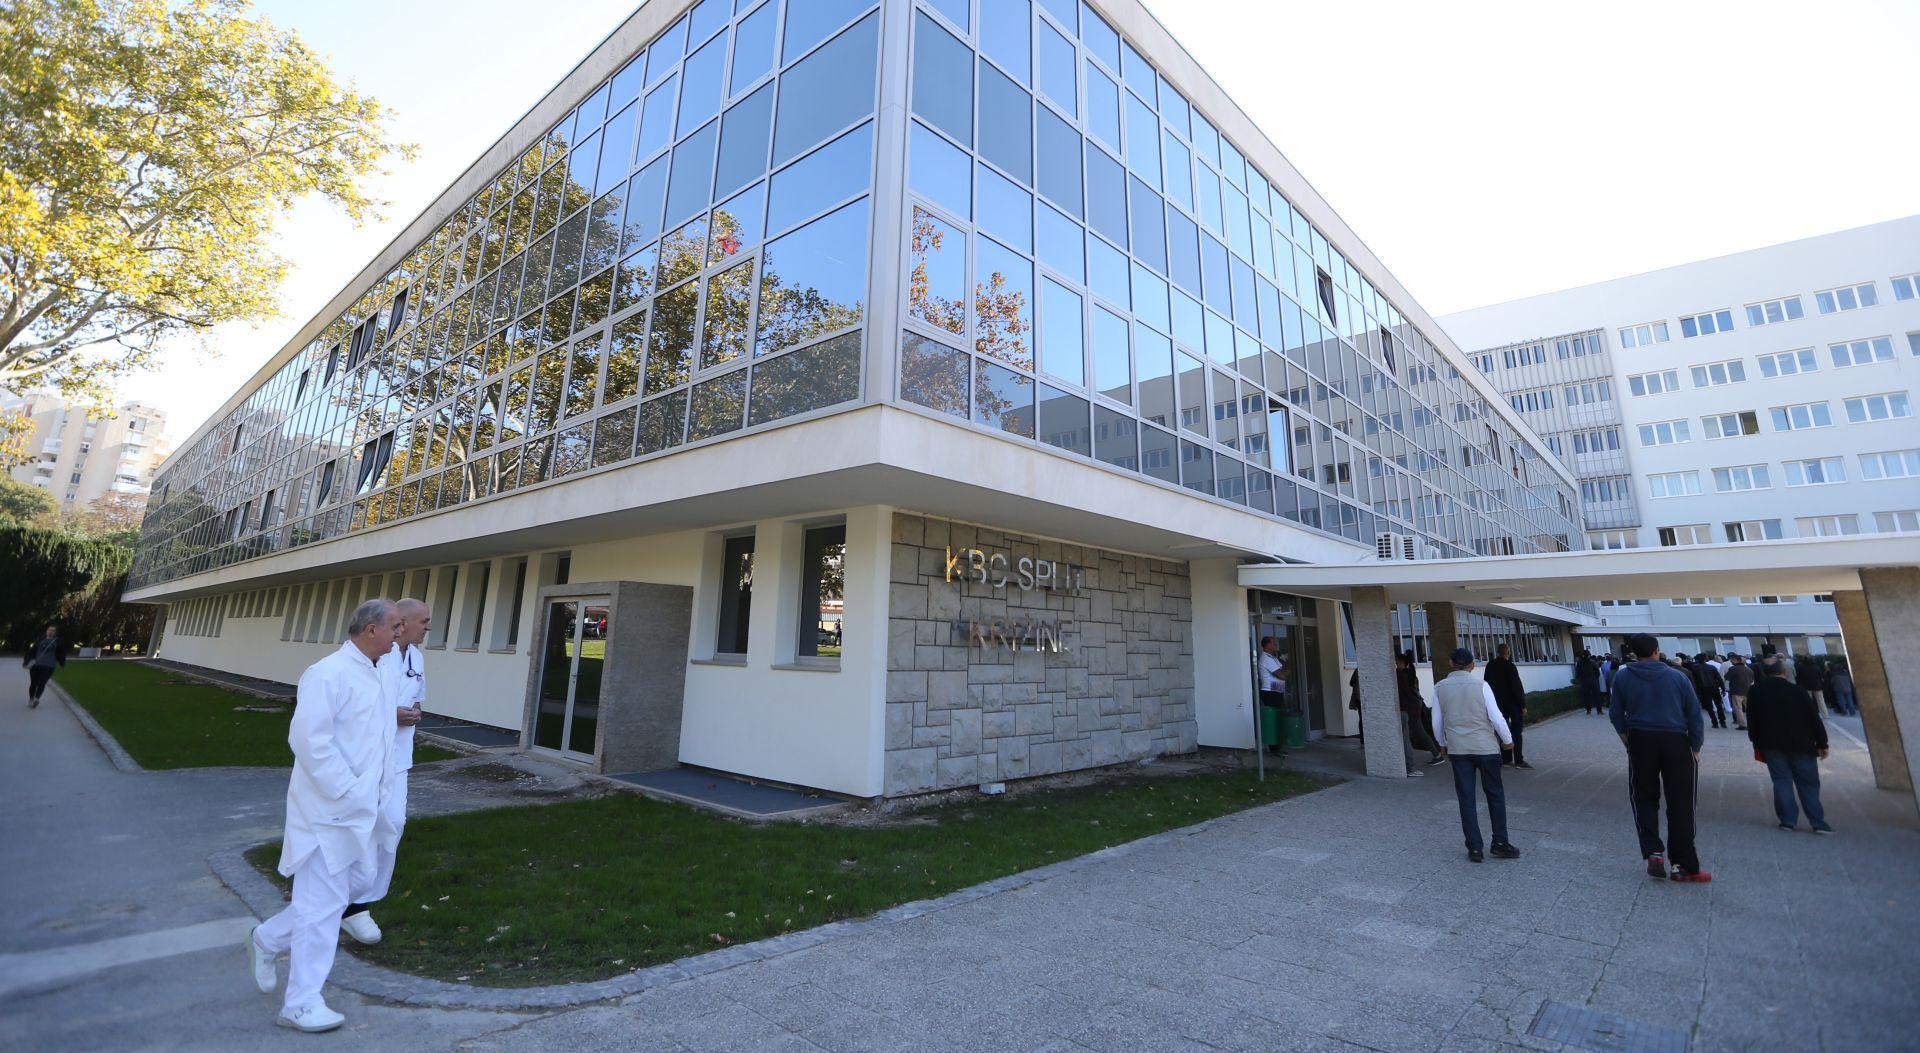 KBC SPLIT: Nedostaje medicinska oprema, ravnatelj podnio kaznenu prijavu